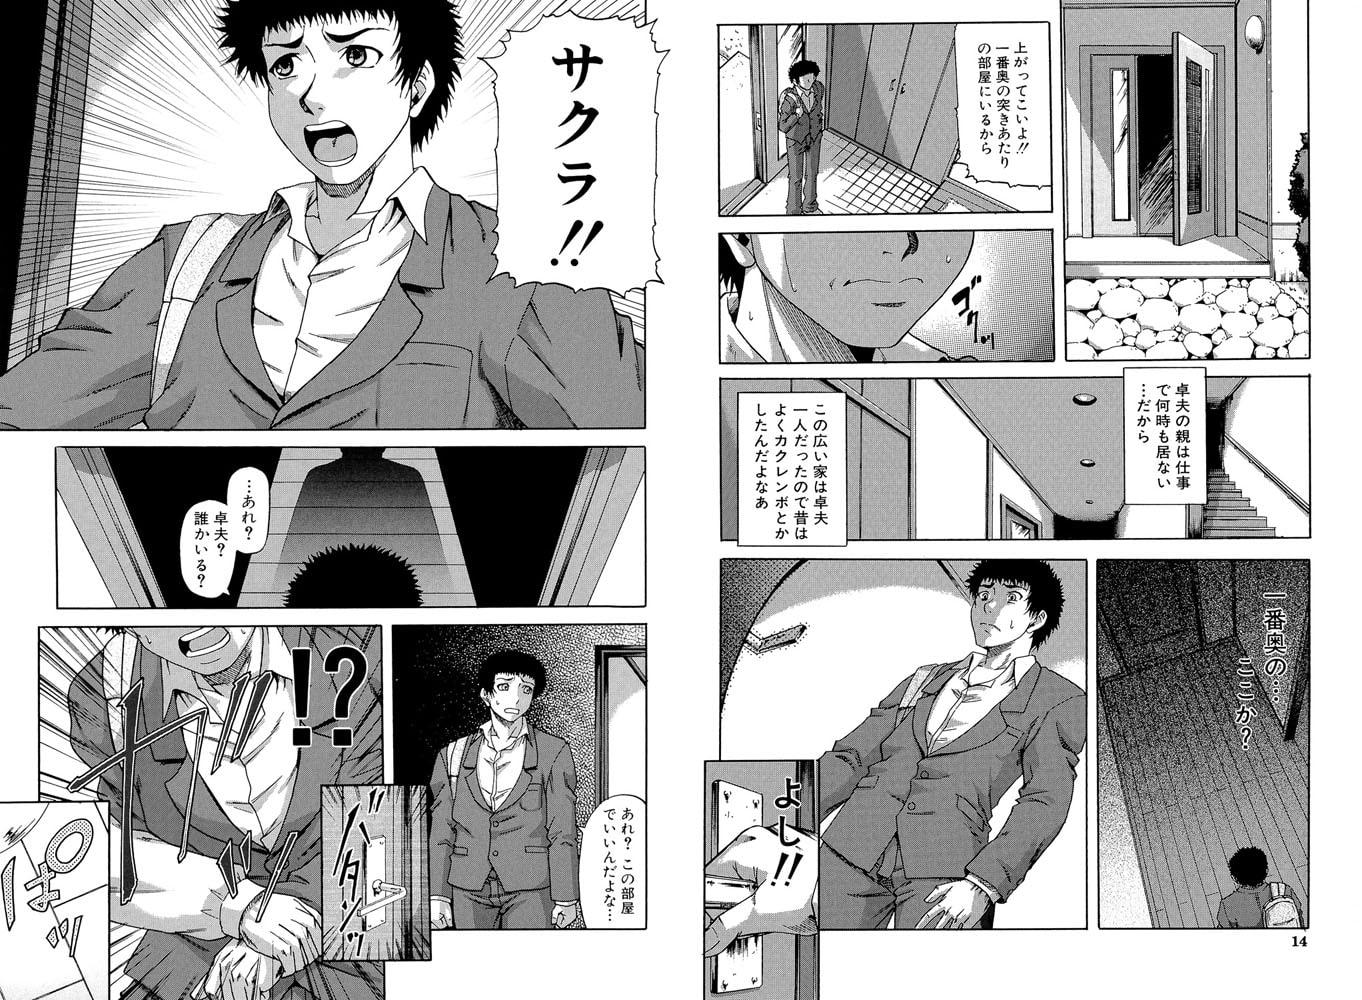 【ティーアイネット】成島ゴドー先生 2冊パック(202005)